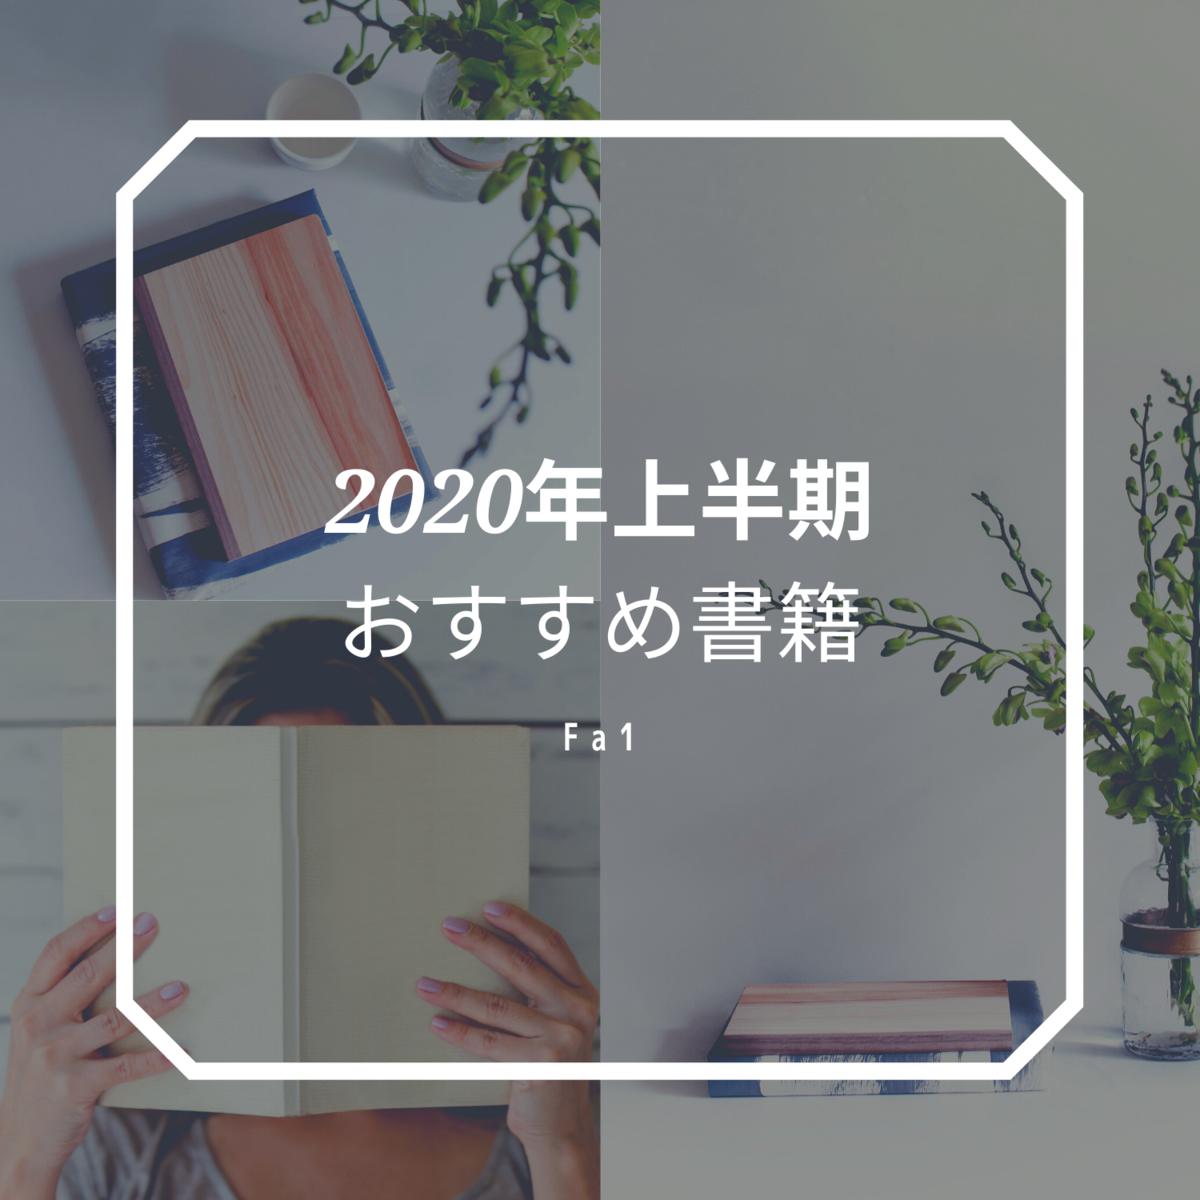 f:id:tatata_ichi:20201221100824p:plain